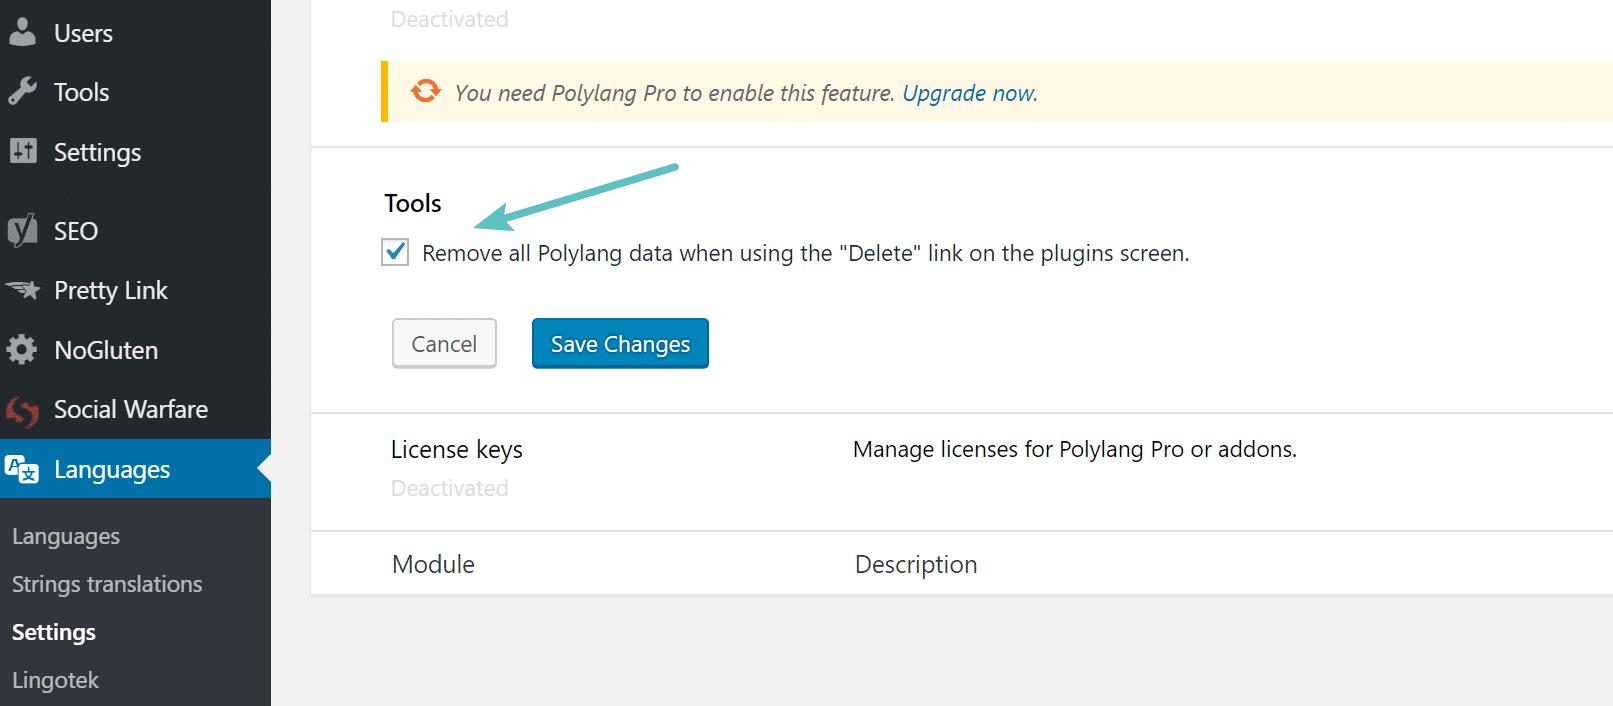 Supprimer les données du plugin Polylang